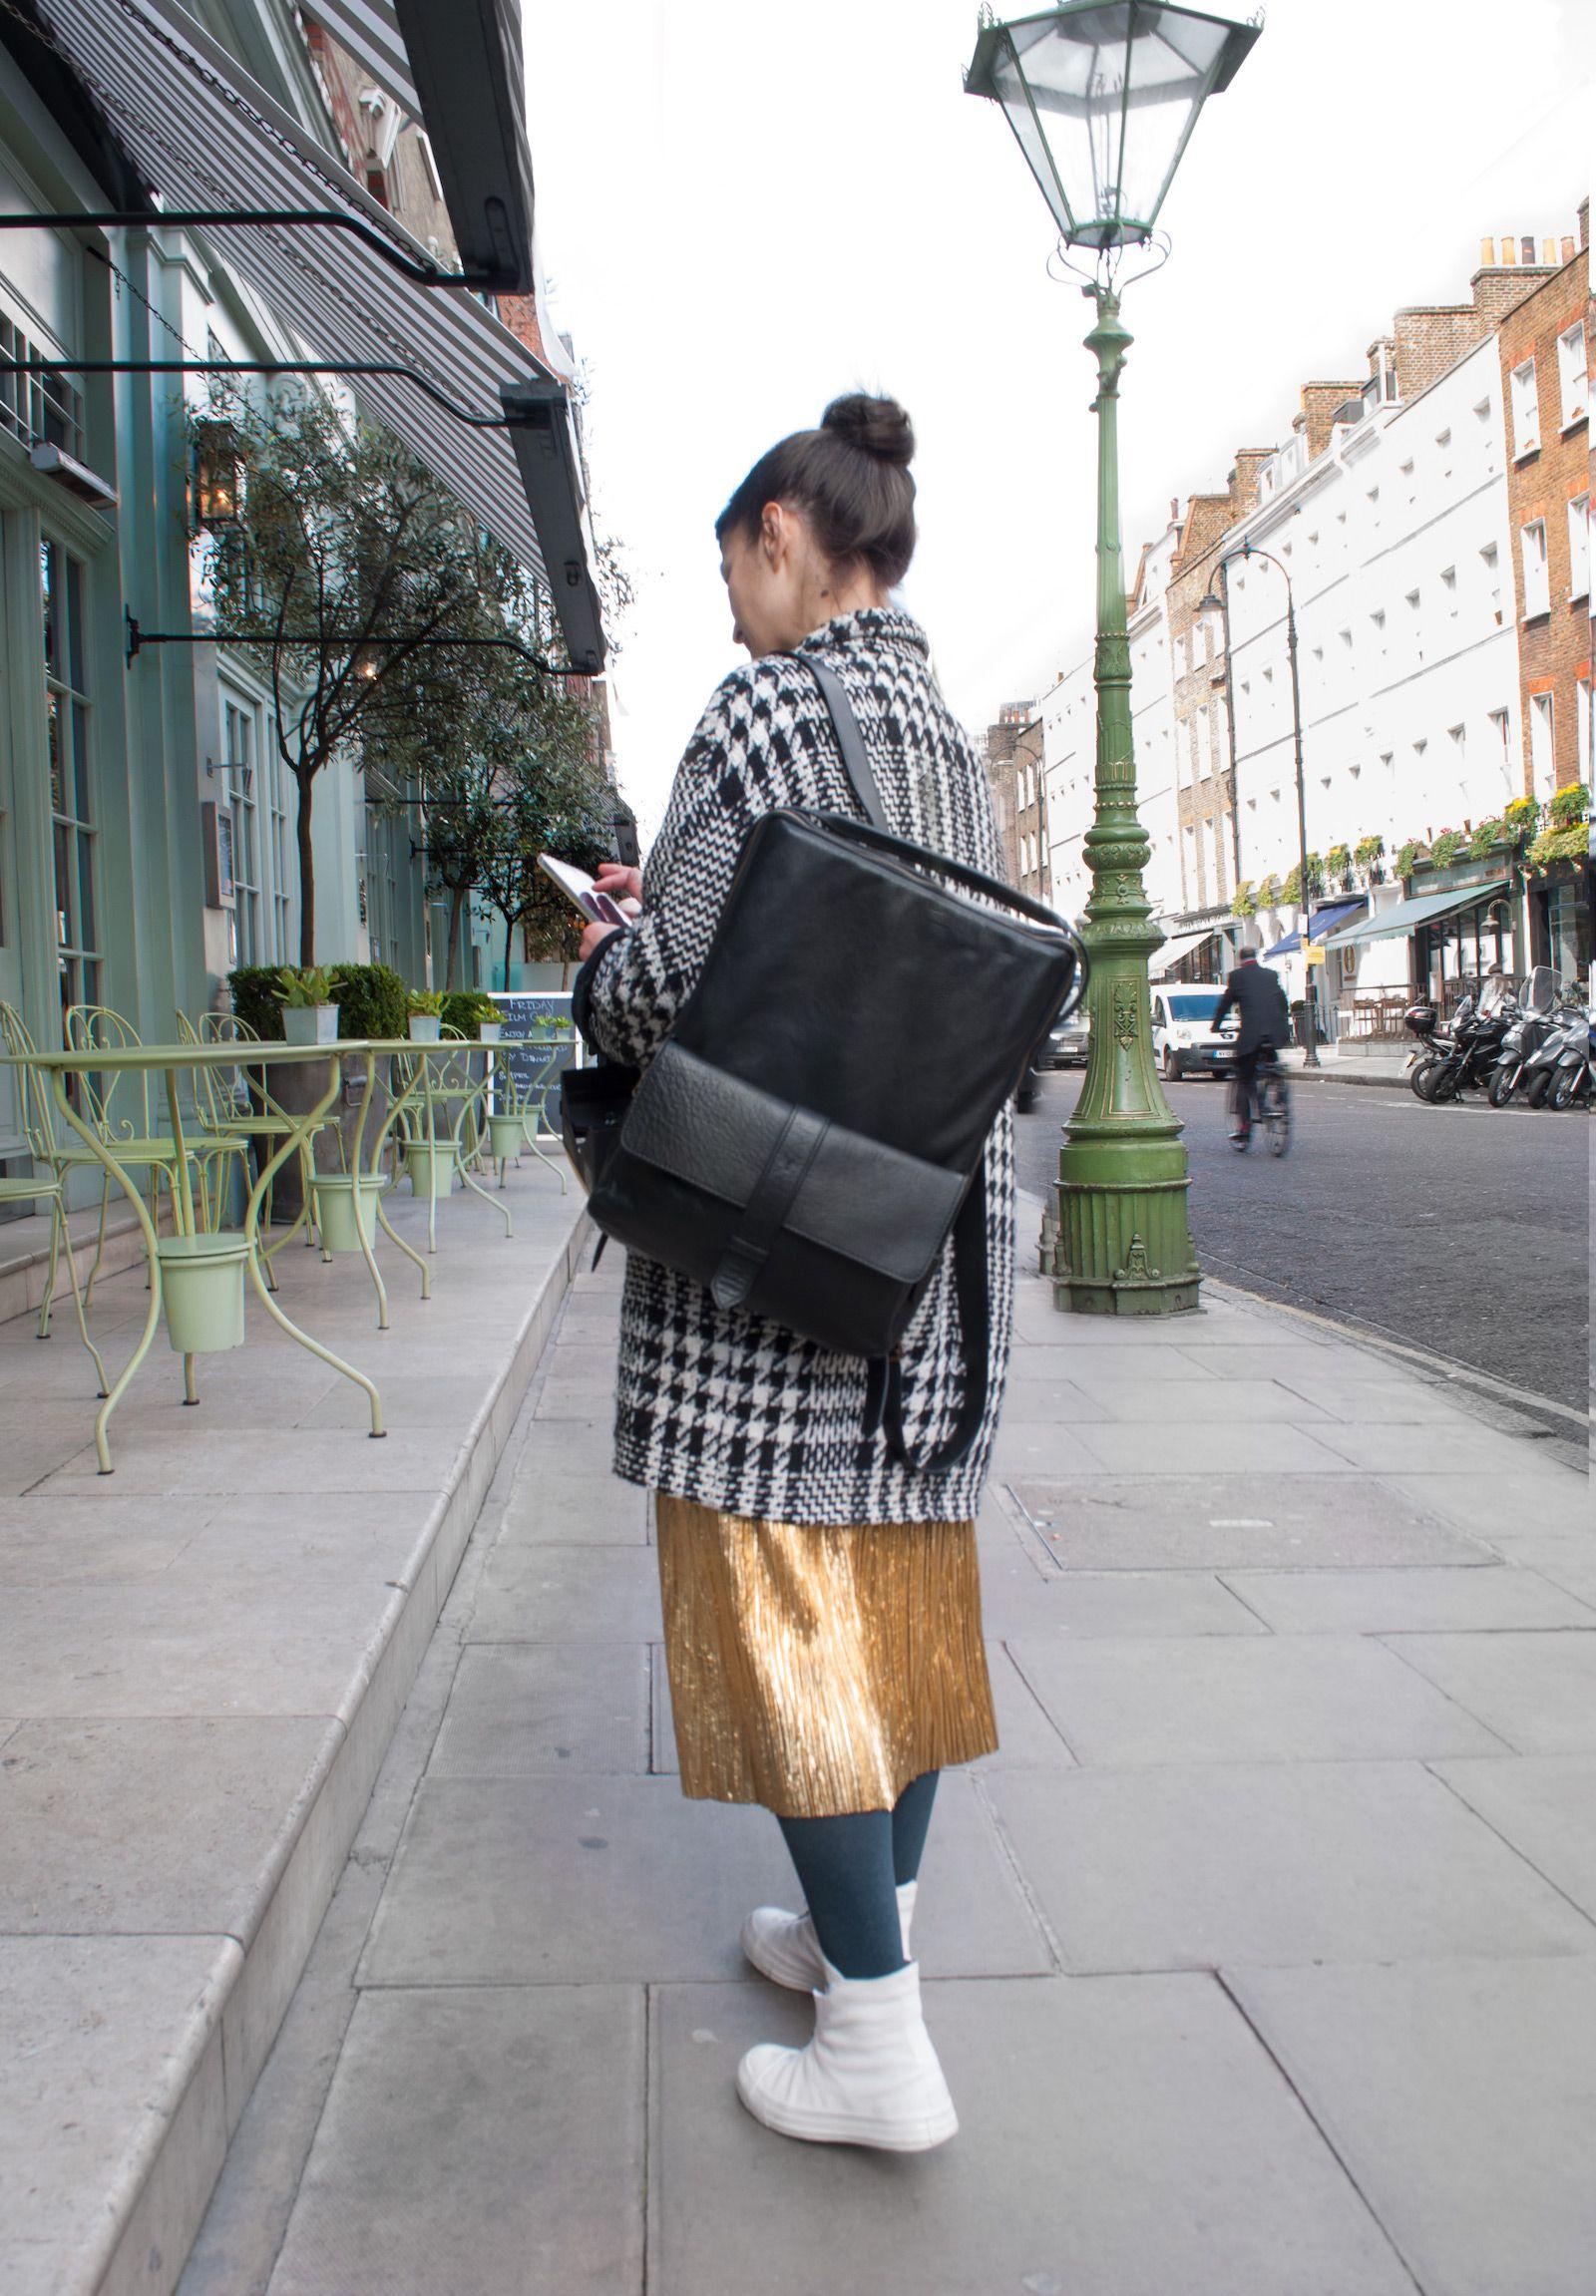 Smart Materials Specialist Fashion Designer Elena Corchero Luxury Leather Bag Fashion Design Fashion